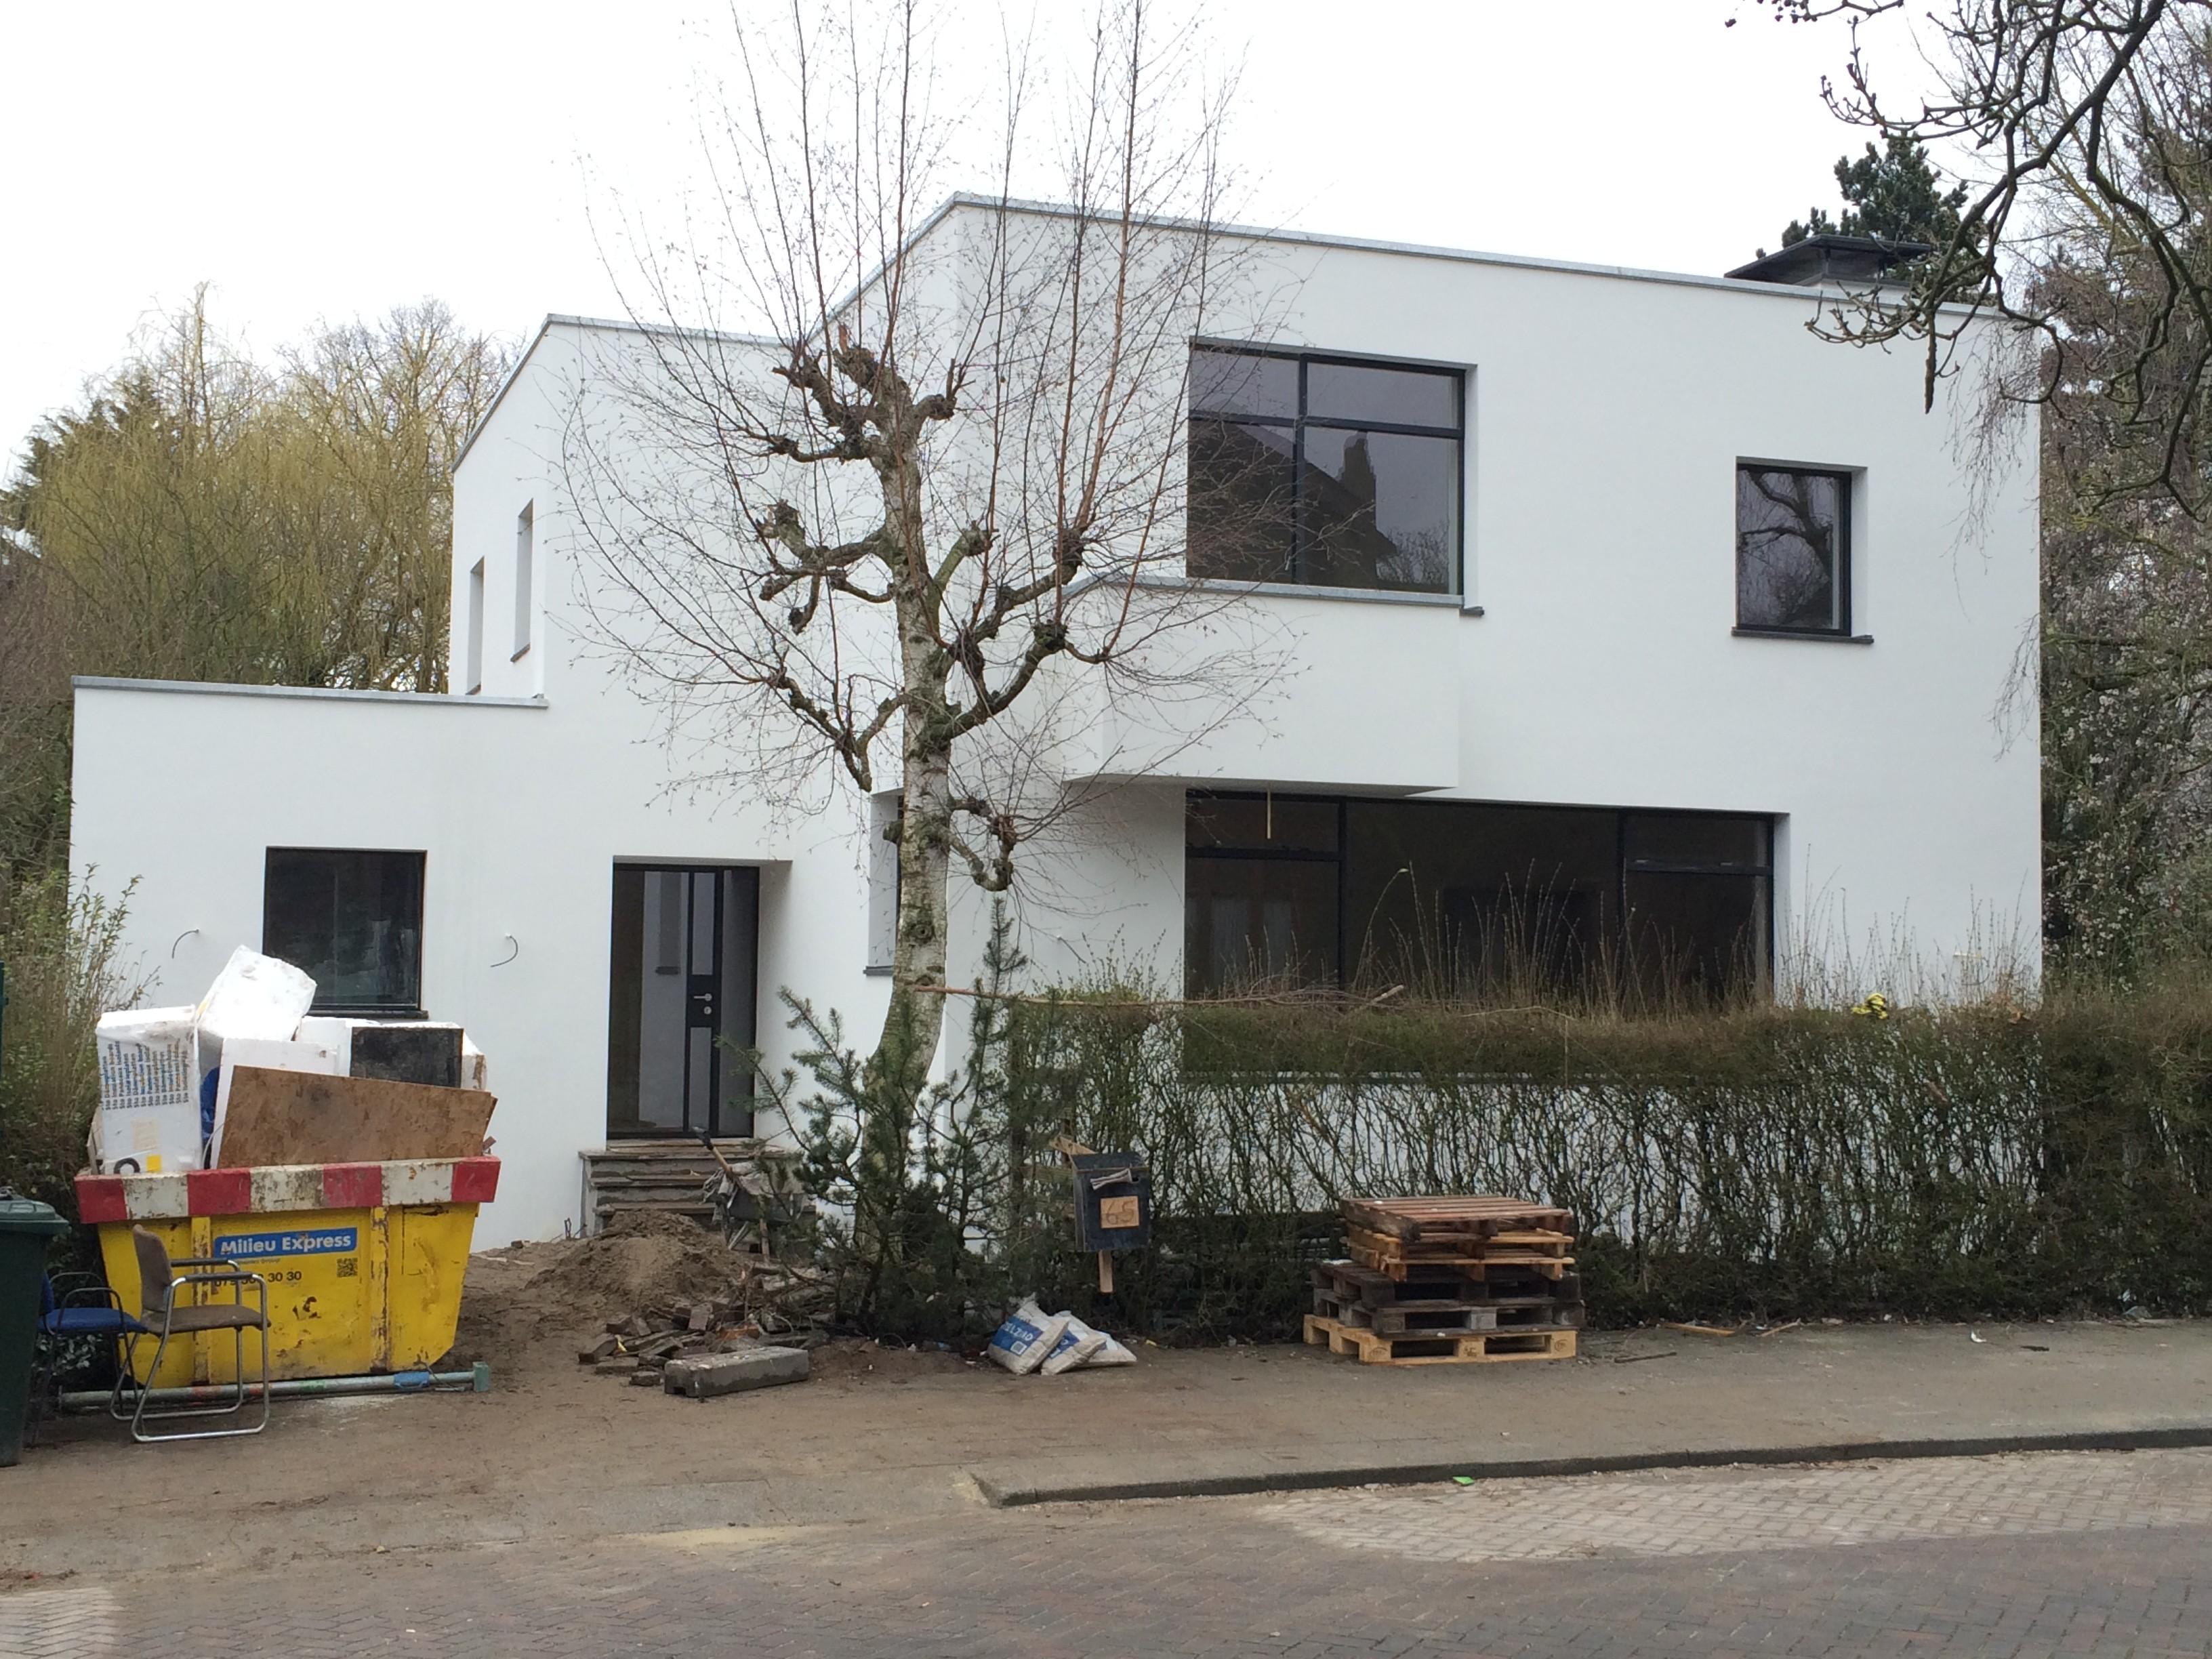 BKT_hoyt_kralingen_rotterdam_villa_renovatie_particulier_VHR_MHB_verbouwing_uitbreiding_directievoering_toezicht_04.jpg